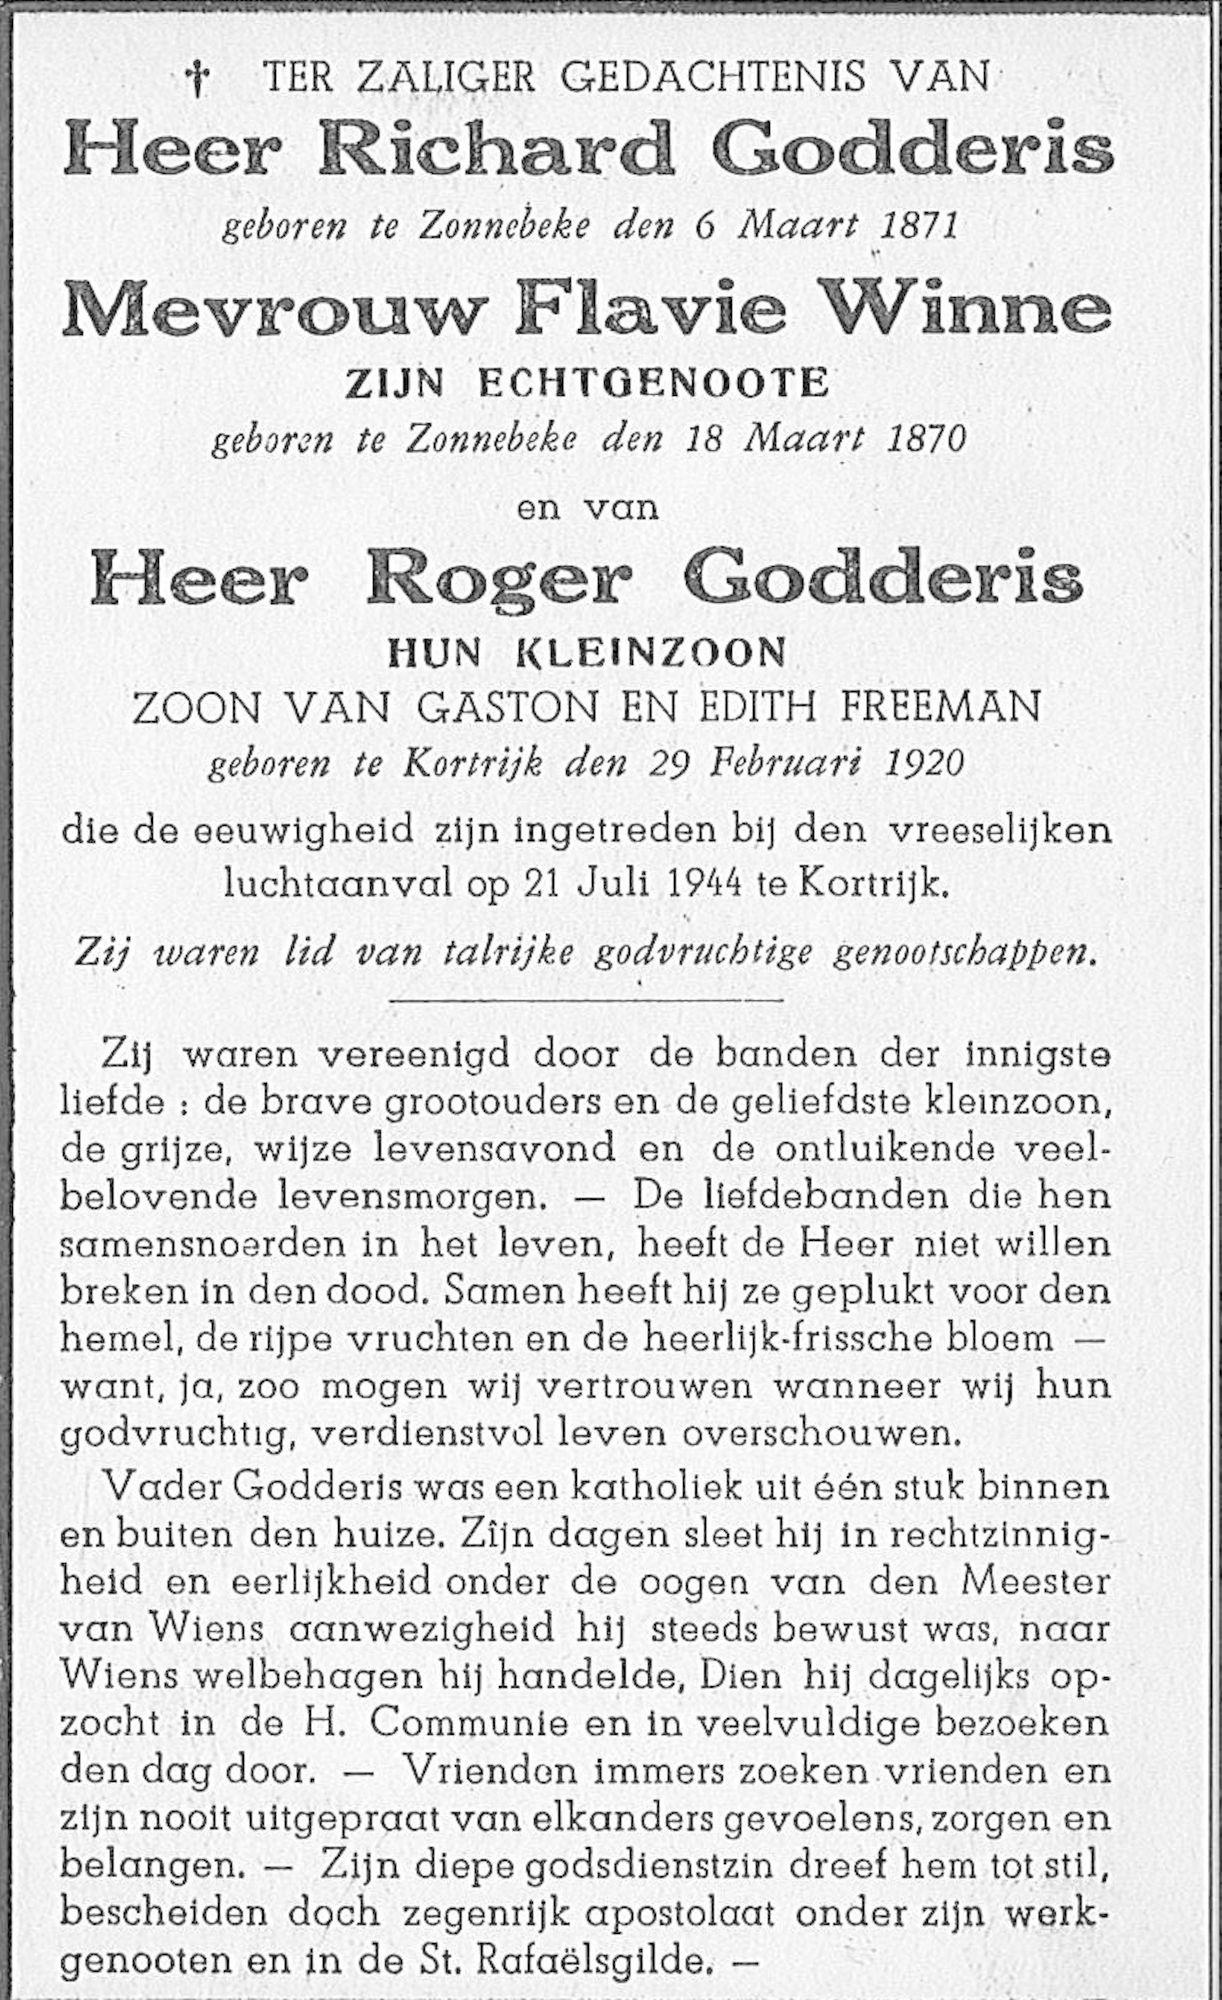 Richard Godderis, Flavie Winne, Roger Godderis